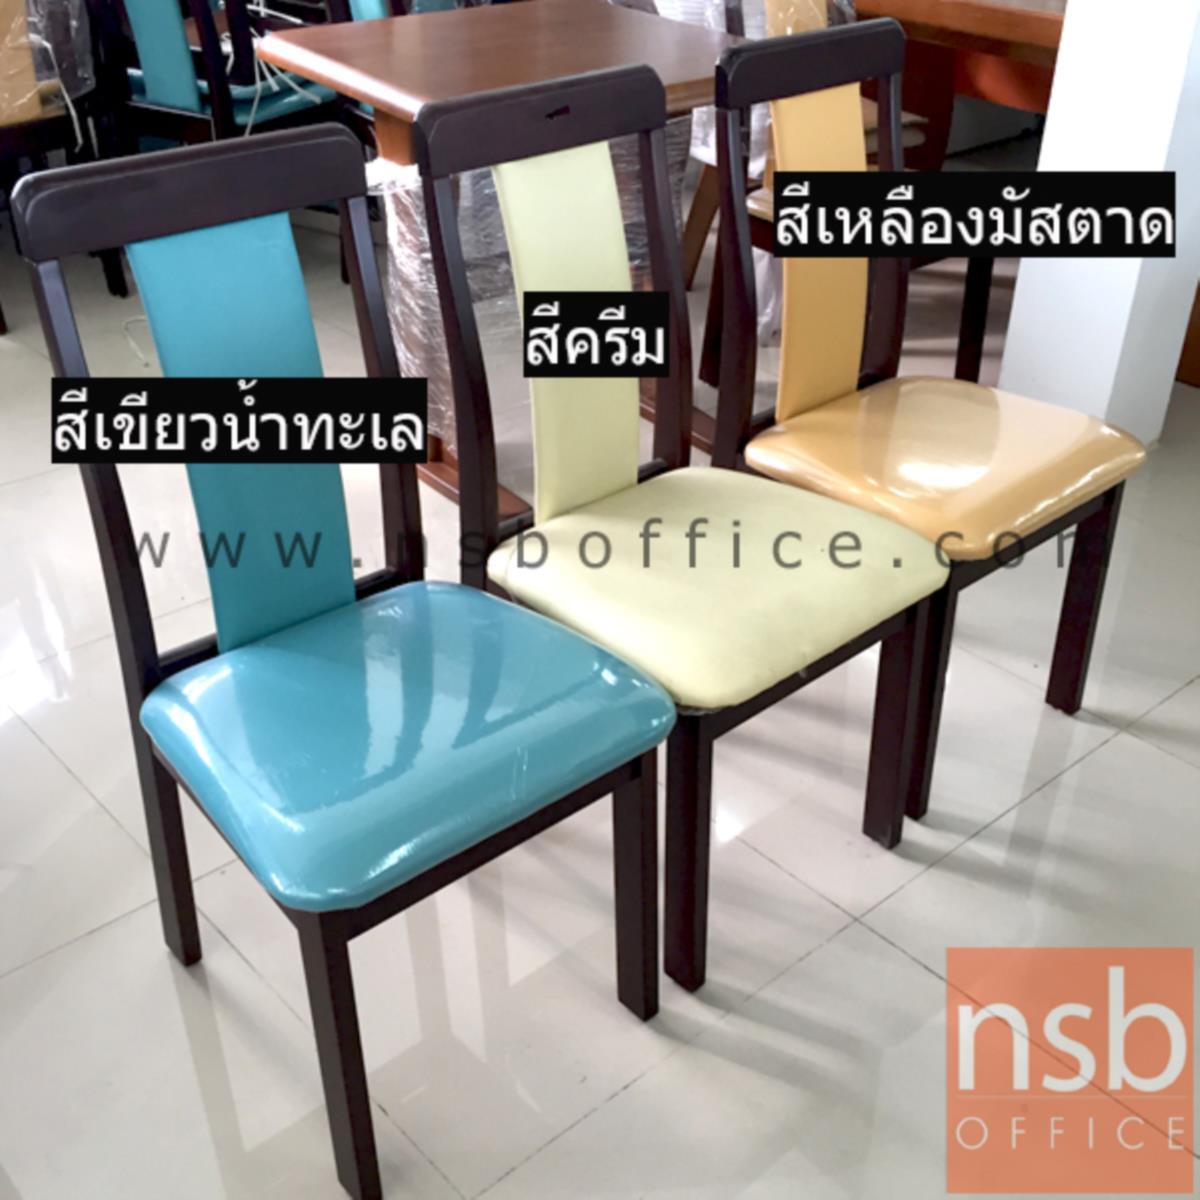 เก้าอี้ไม้ยางพาราที่นั่งหุ้มหนังเทียม รุ่น Byatt (ไบแอ็ท) ขาไม้